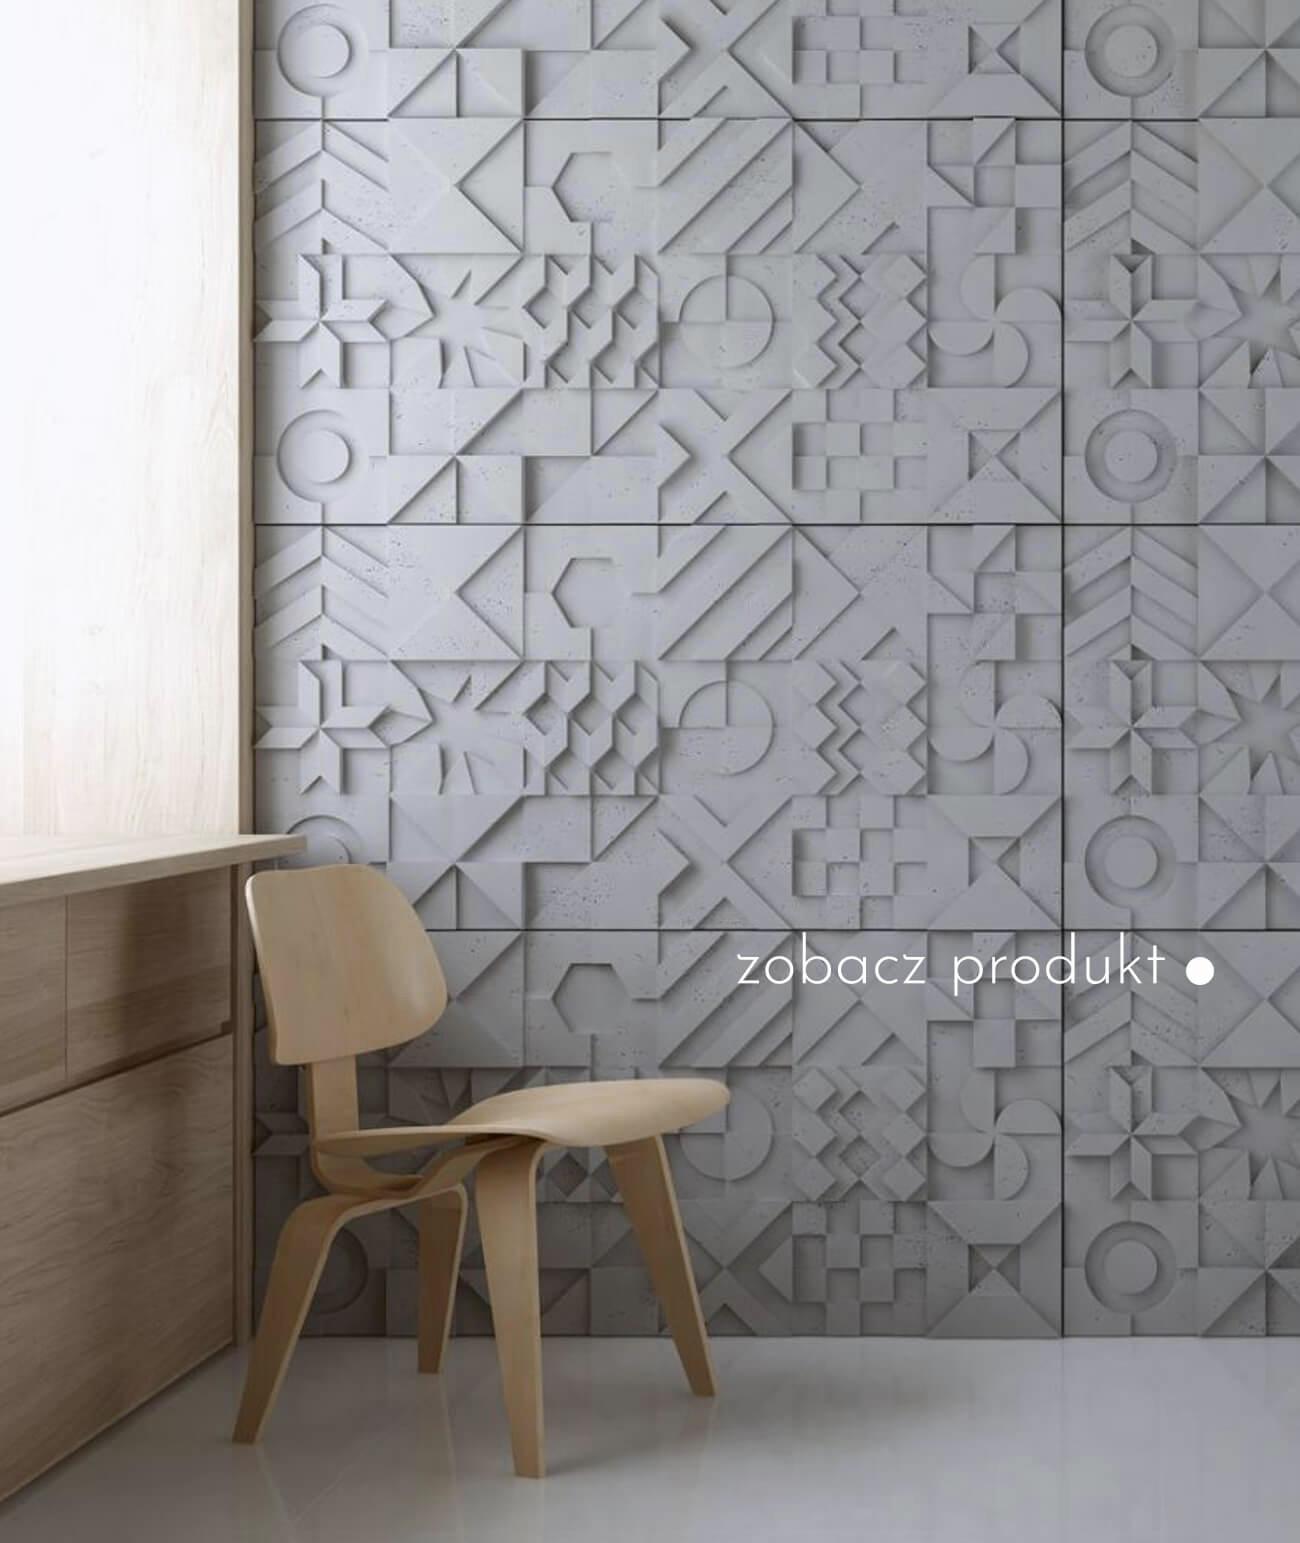 panele-betonowe-3d-scienne-i-elewacyjne-beton-architektoniczny_452-2437-pb12-s96-ciemny-szary-ikon---panel-dekor-3d-beton-architektoniczny-panel-scienny